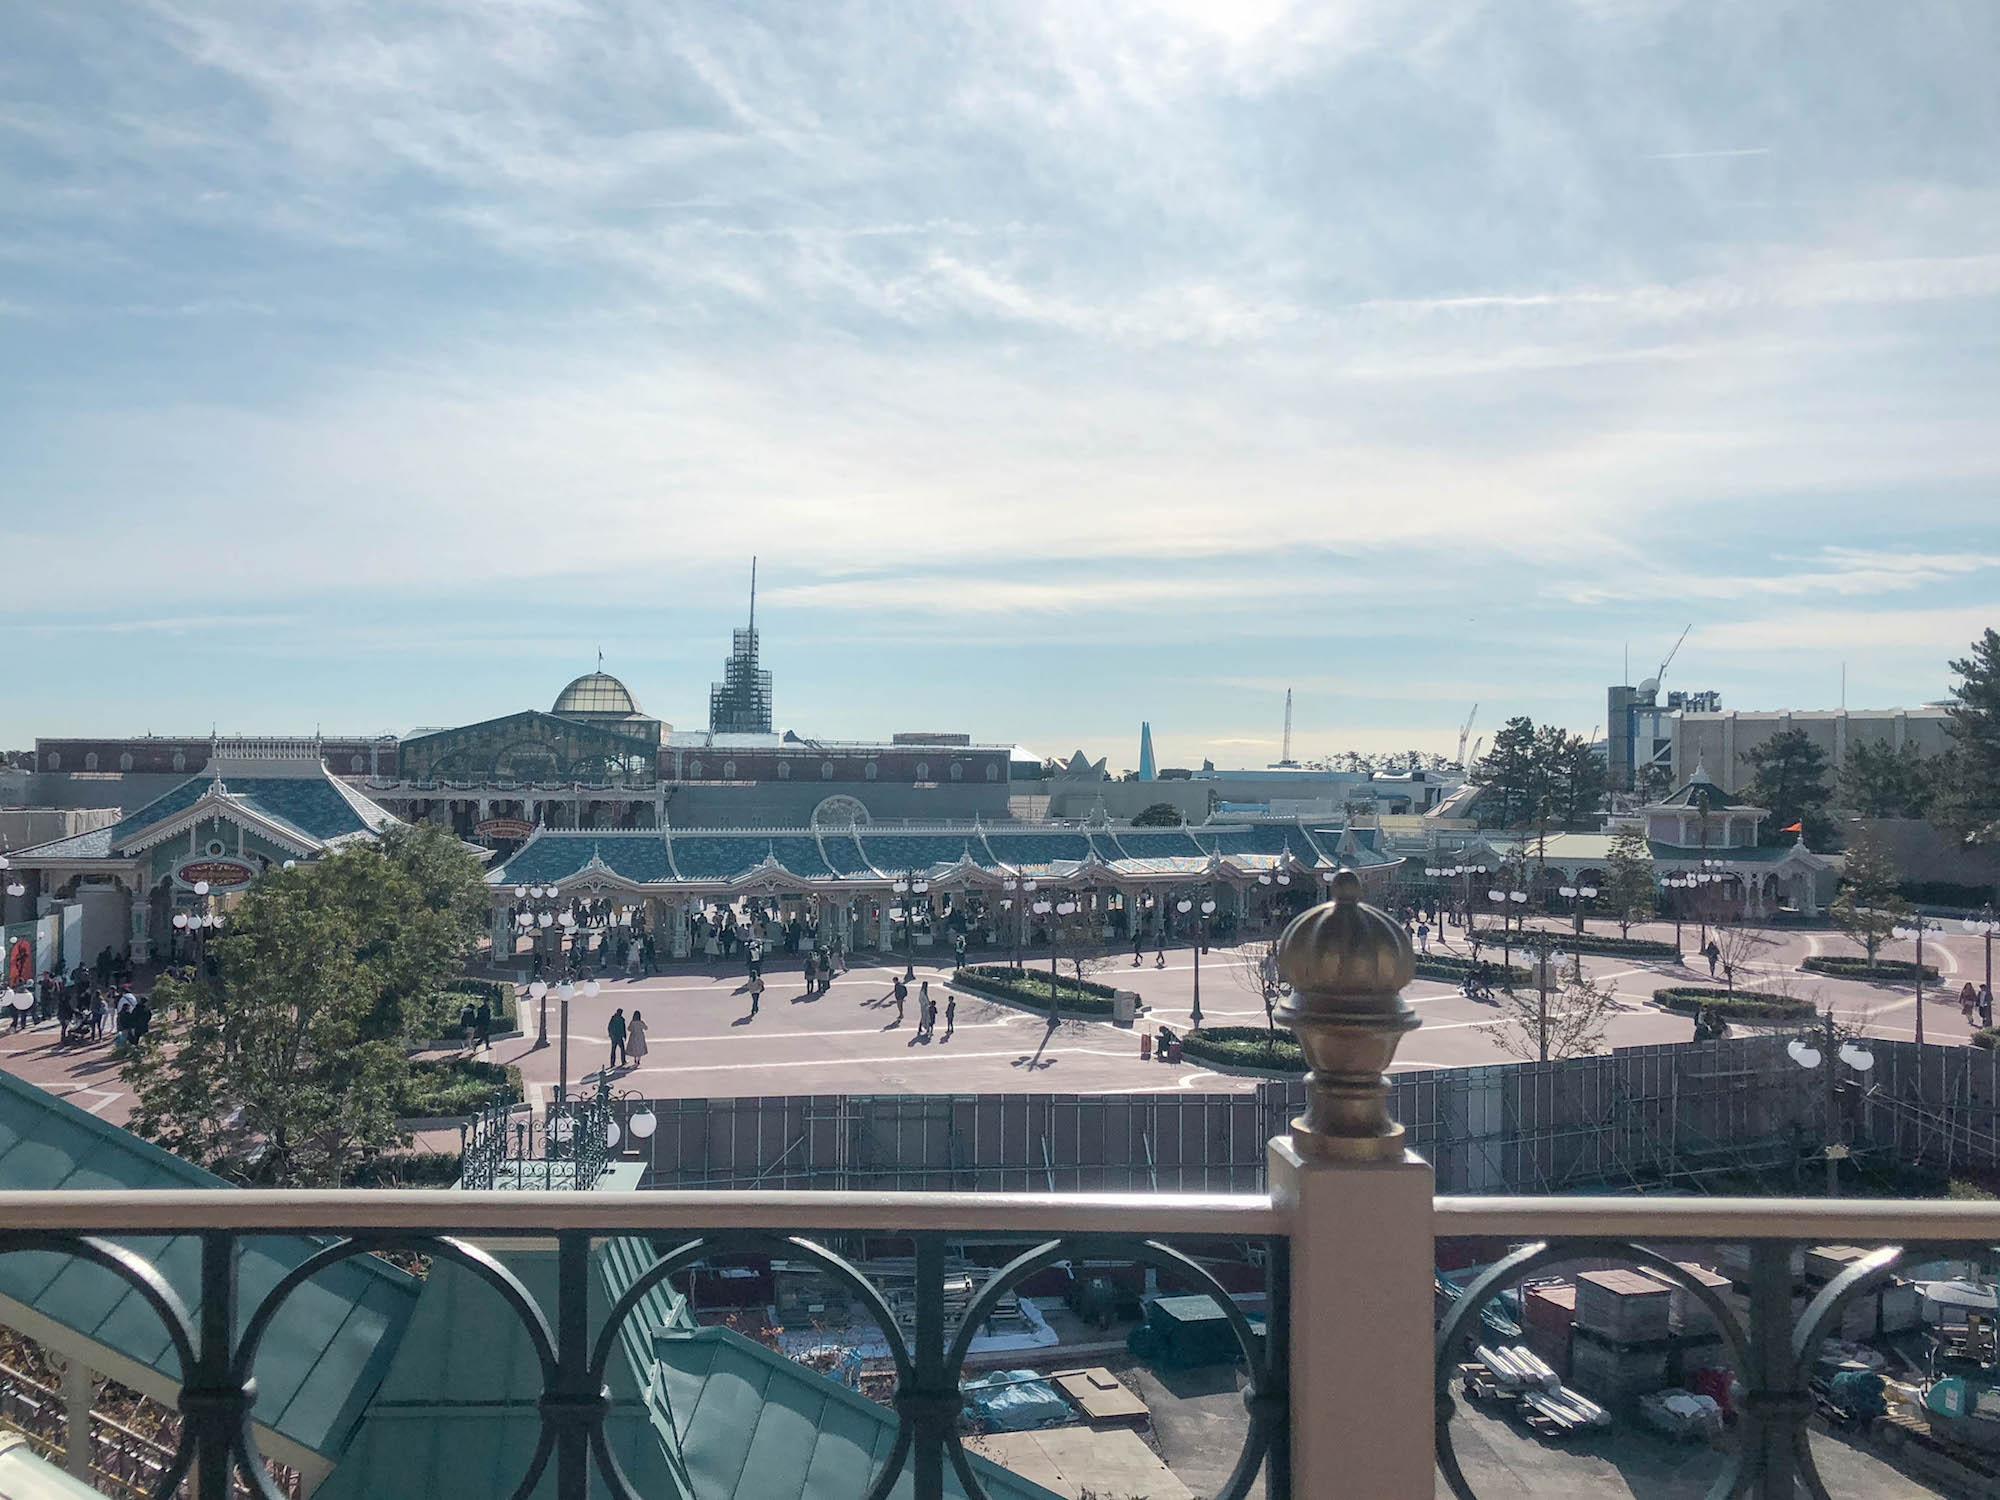 東京Disneyland station